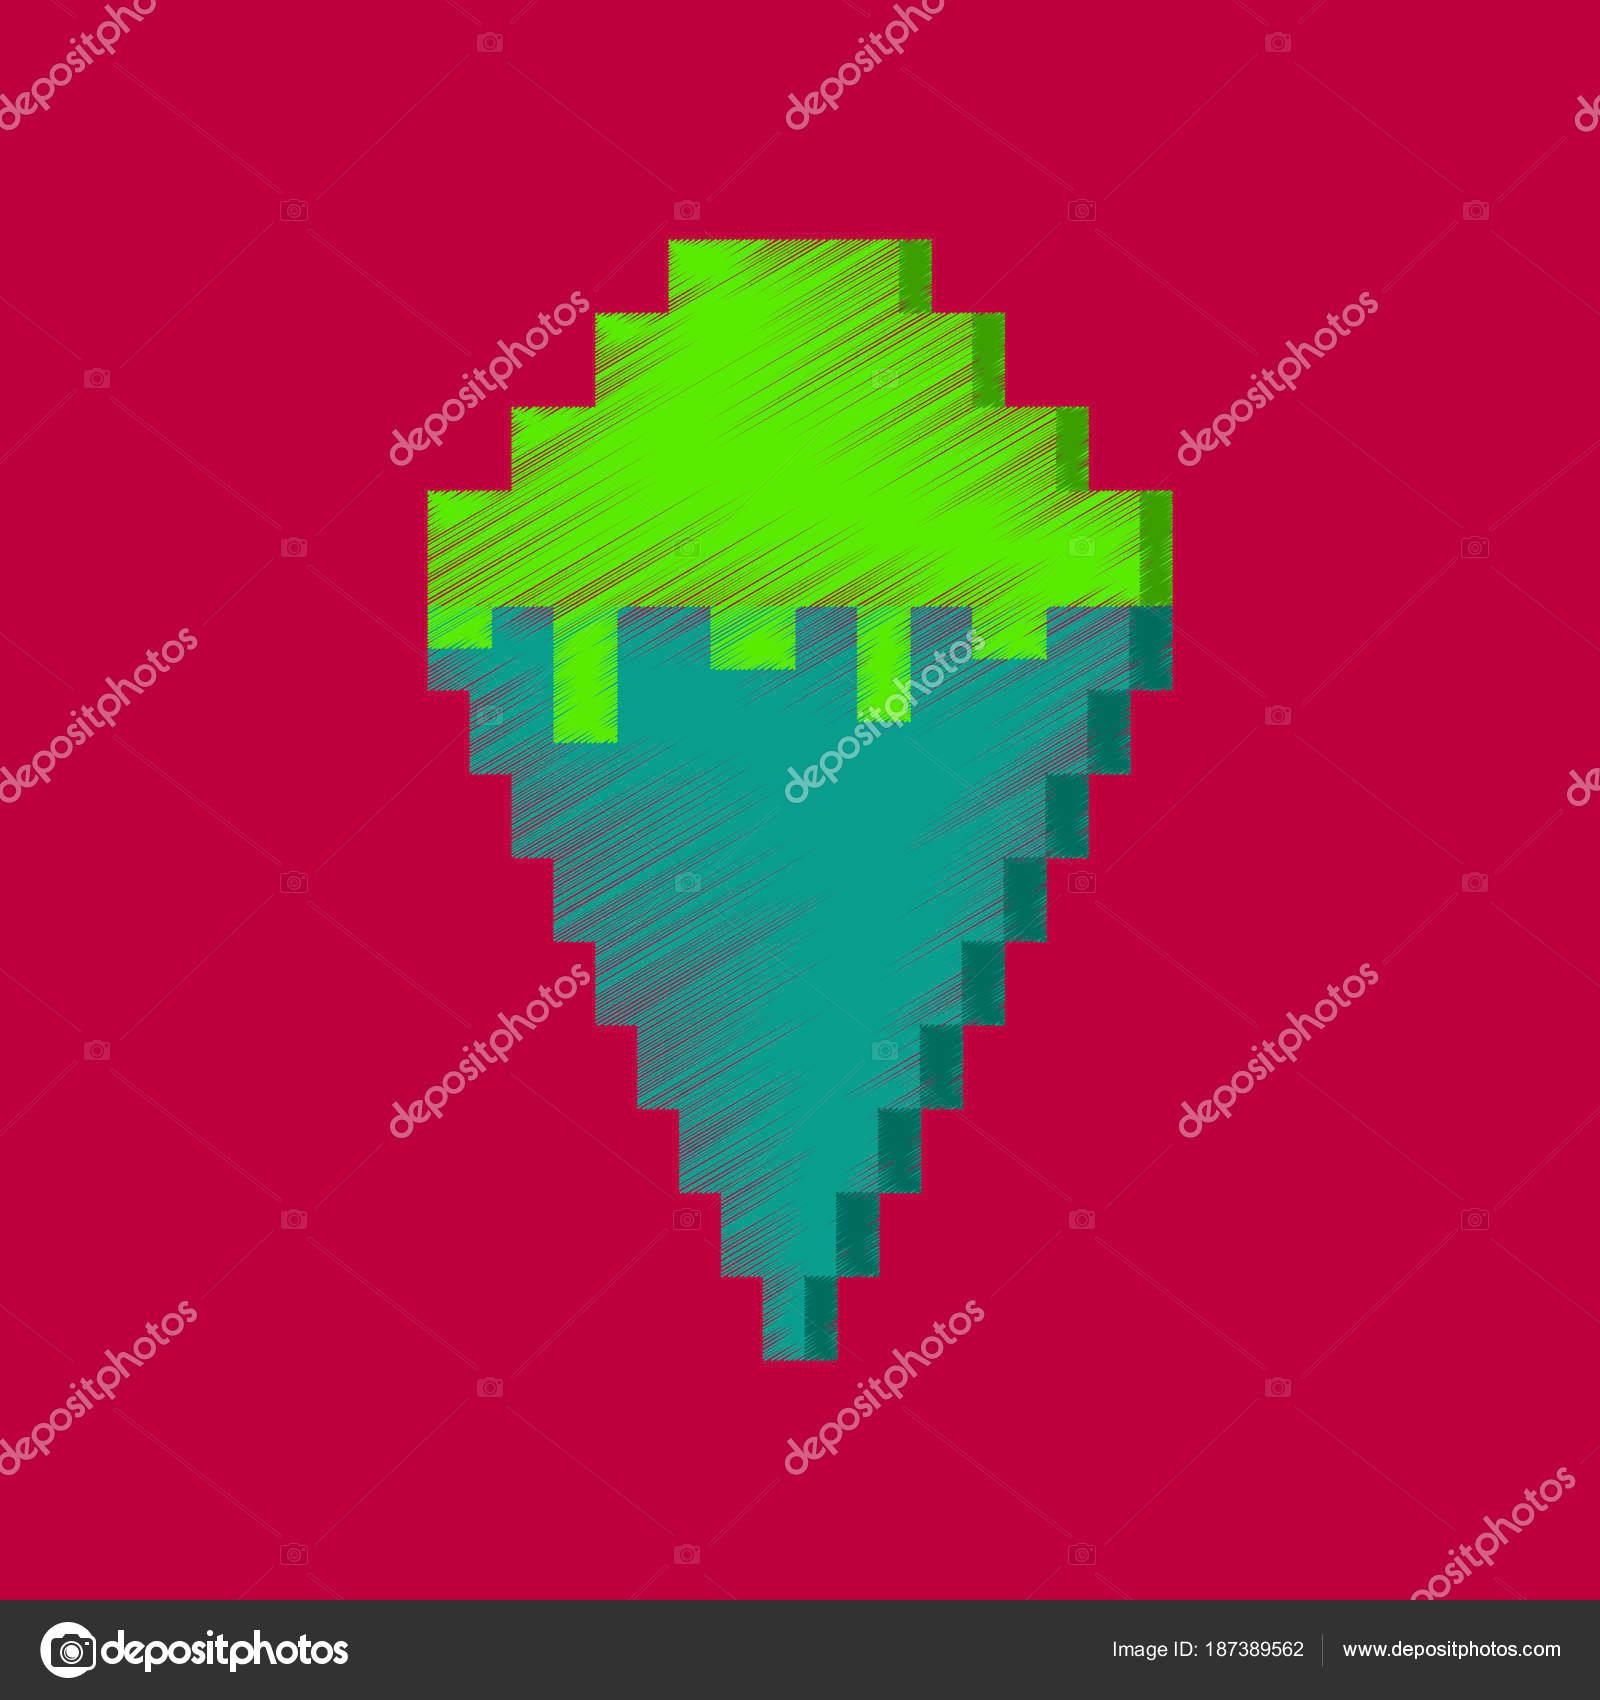 Cornet De Crème Glacée Ombrage Plat Style Icône Pixel